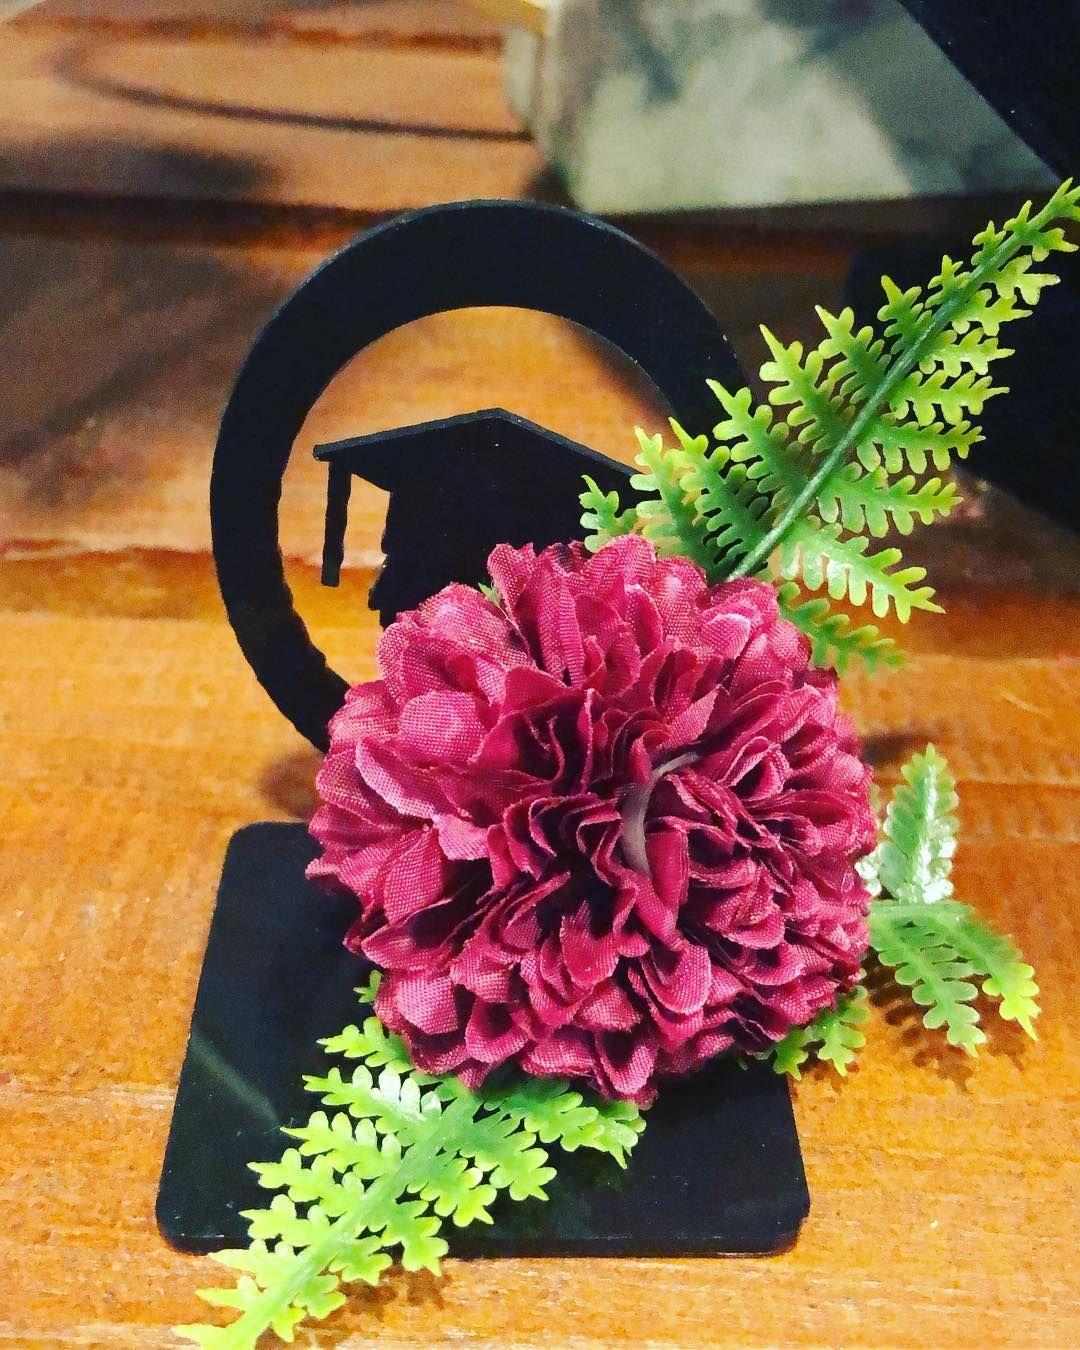 محل ورود بالرياض يوصل المنازل محل عقد الزهور 0582613805 محل ورد بالرياض رخيص محل ورد في الرياض محلات ورود بالرياض أفضل محلات ور Floral Wreath Floral Wreaths